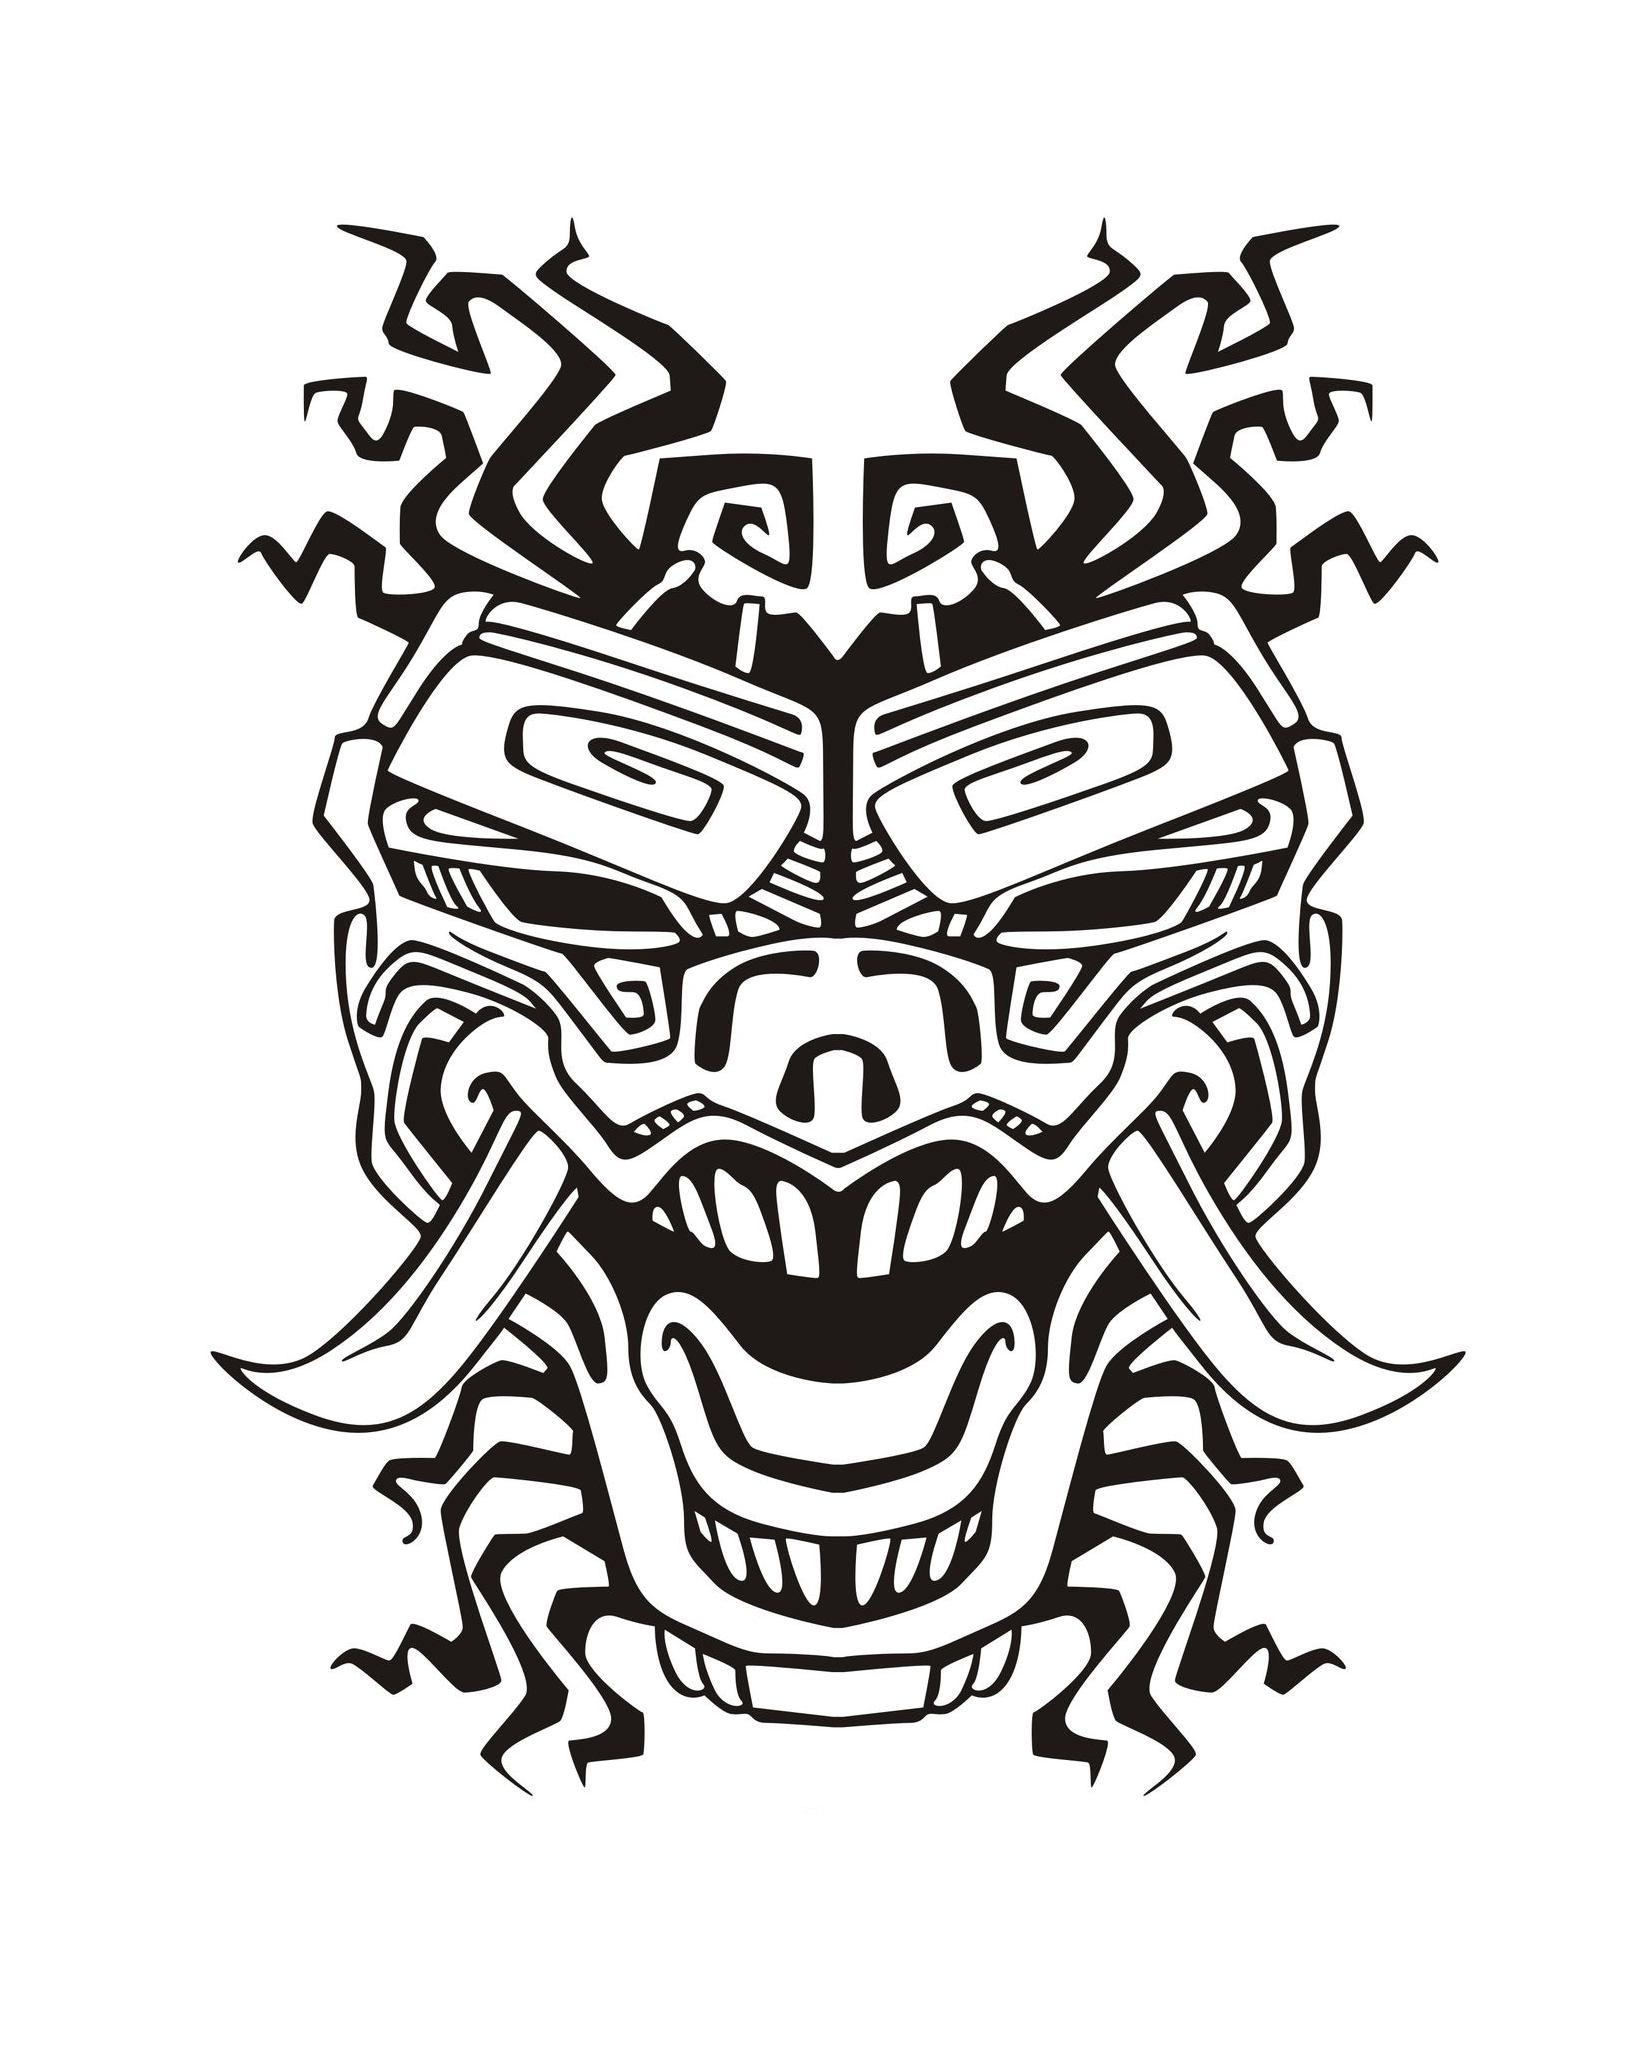 Mayas aztecas e incas 73561 - Mayas, Aztecas e Incas - Colorear para ...